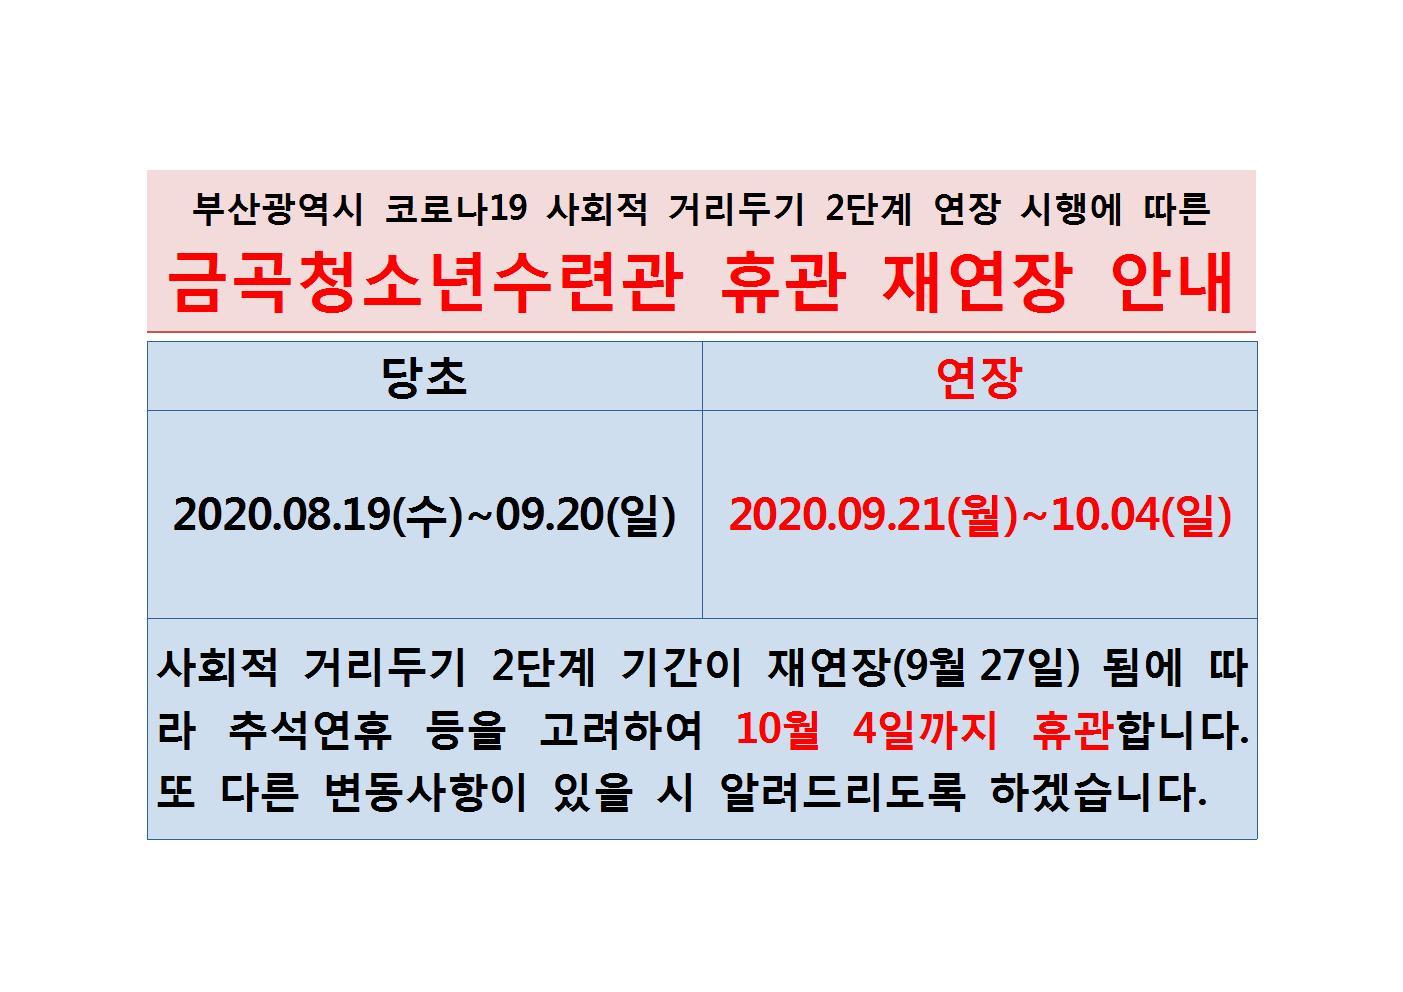 임시휴관재재연장001.jpg